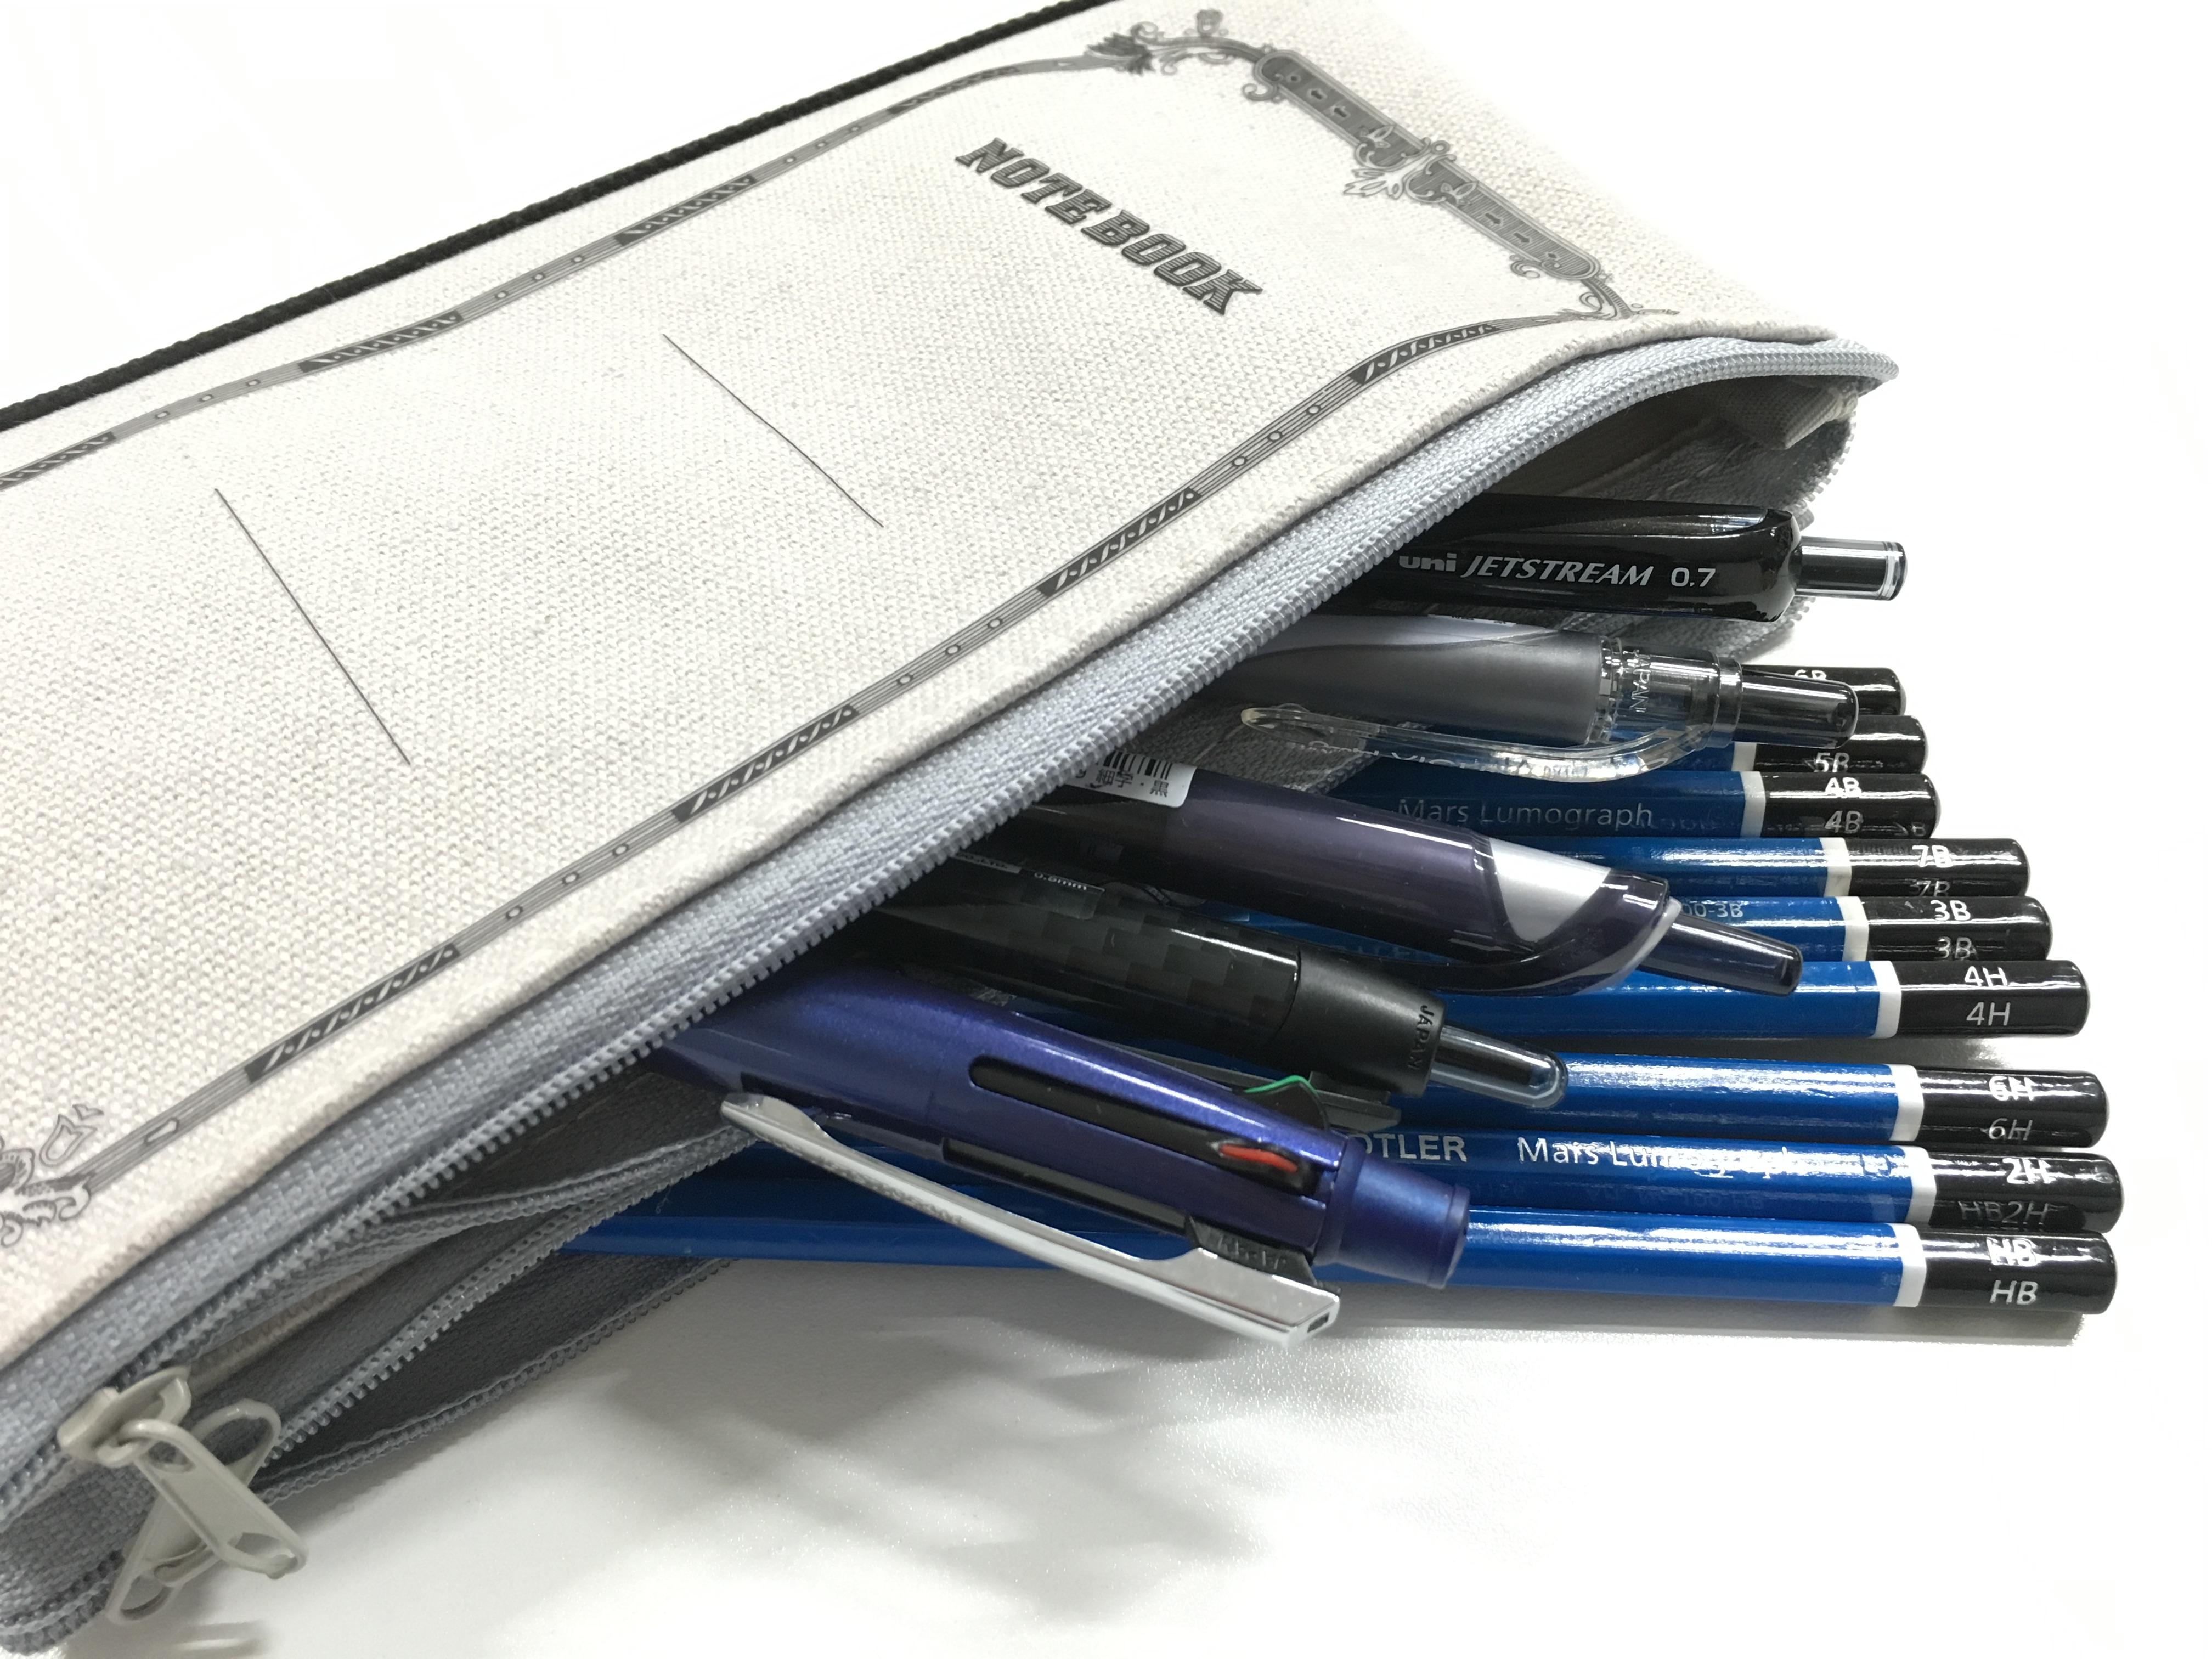 ツバメノートのペンケースを購入しました。ツバメノート × CUBIX のコラボレーション